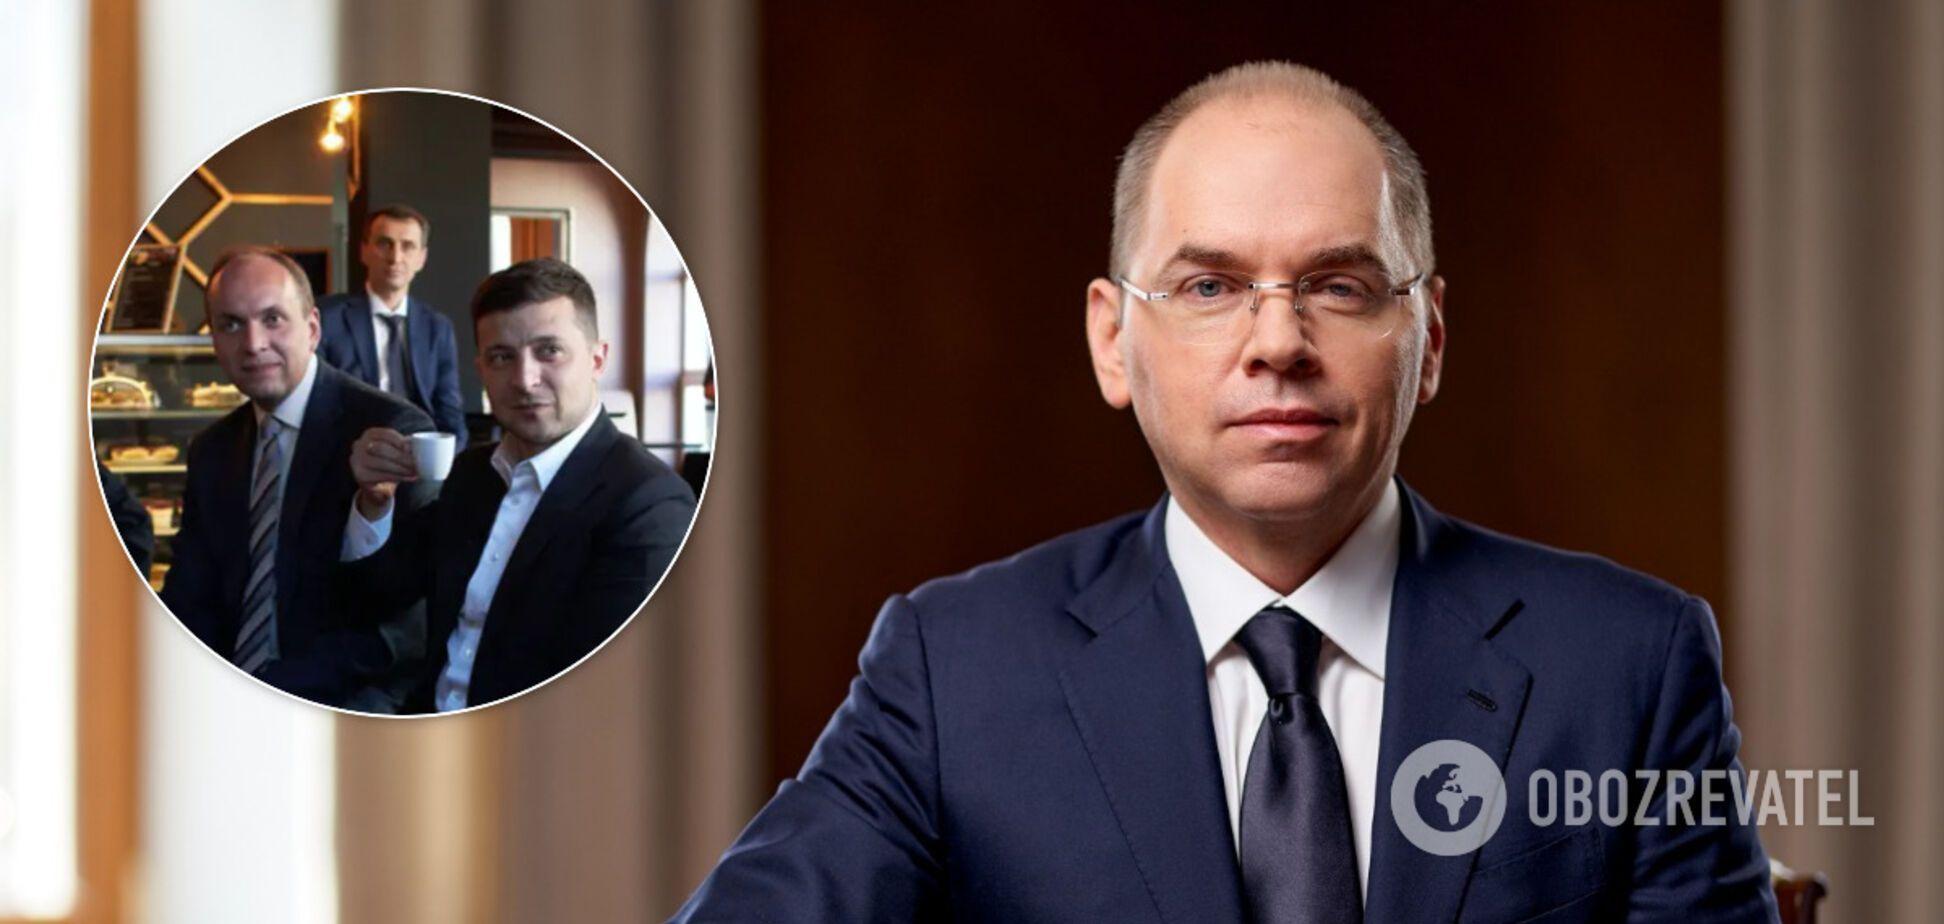 Степанов назвал украинцев анархистами: ему вспомнили нарушения карантина властью